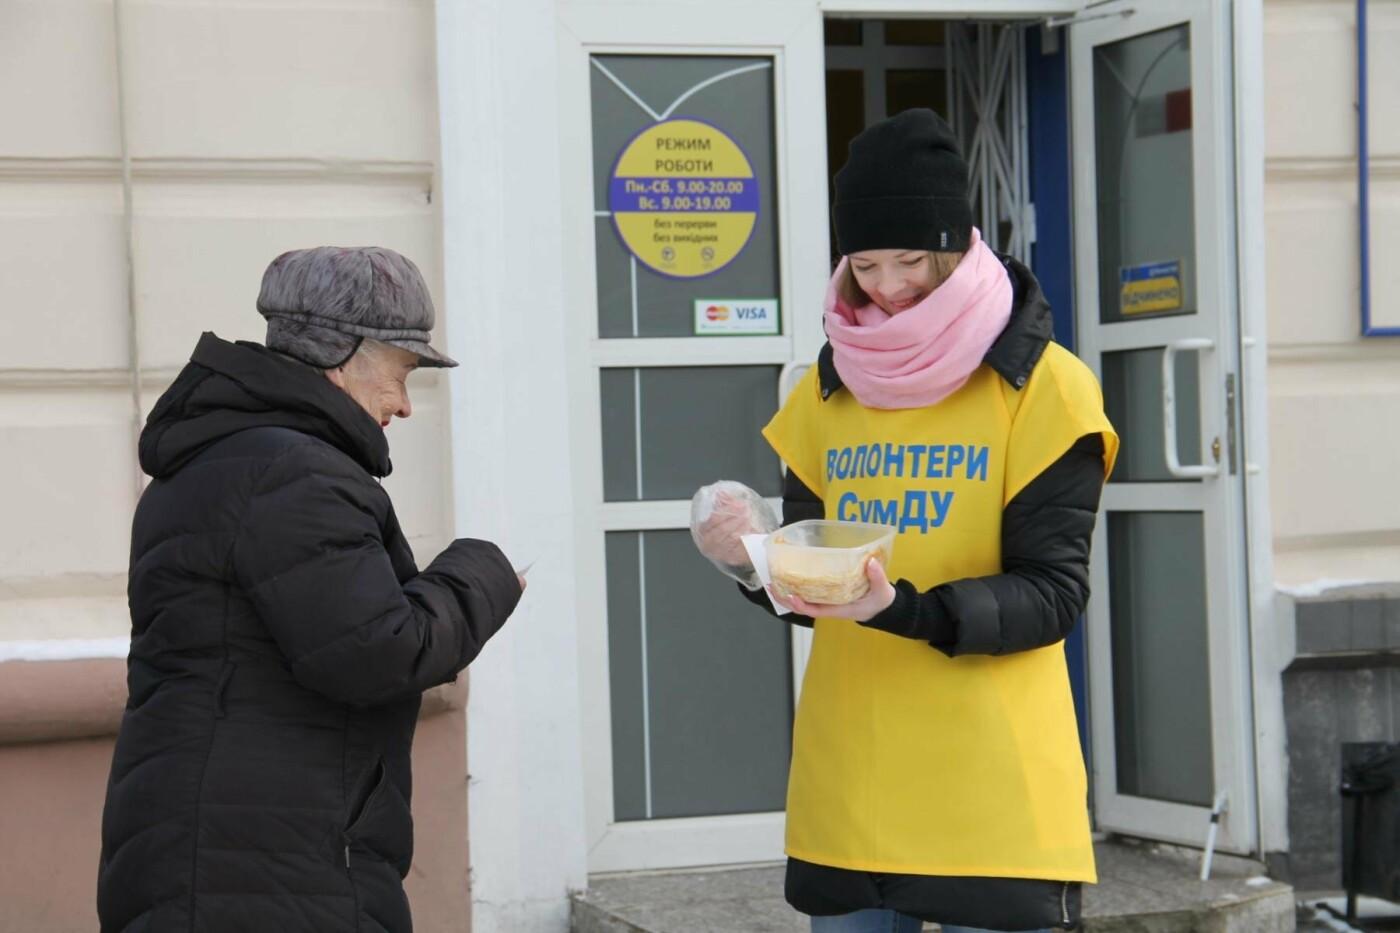 Волонтеры СумГУ в центре города угощали сумчан блинами, фото-2